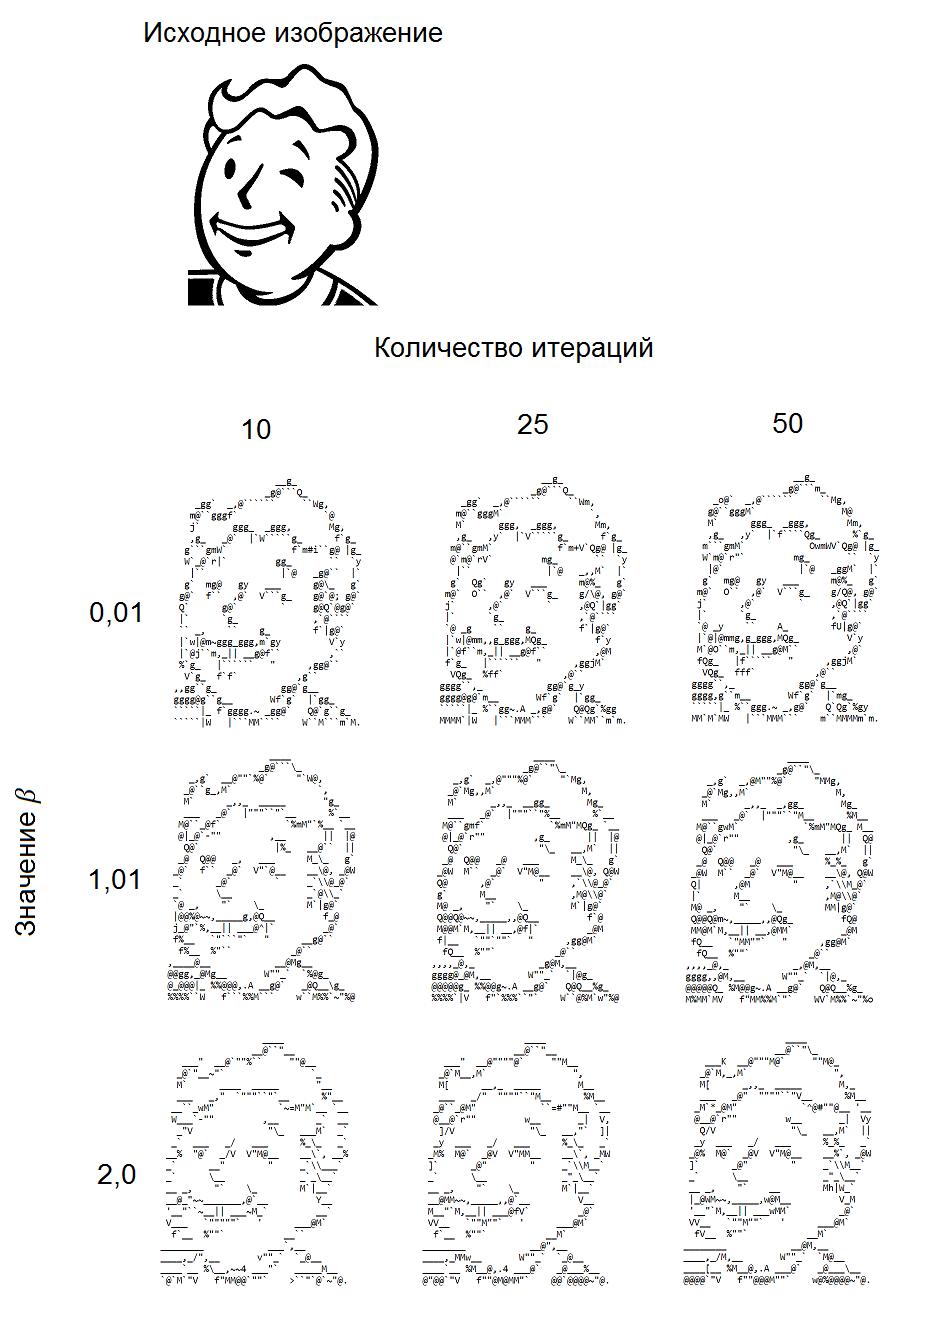 Преобразование черно-белых изображений в ASCII-графику при помощи неотрицательного матричного разложения - 6